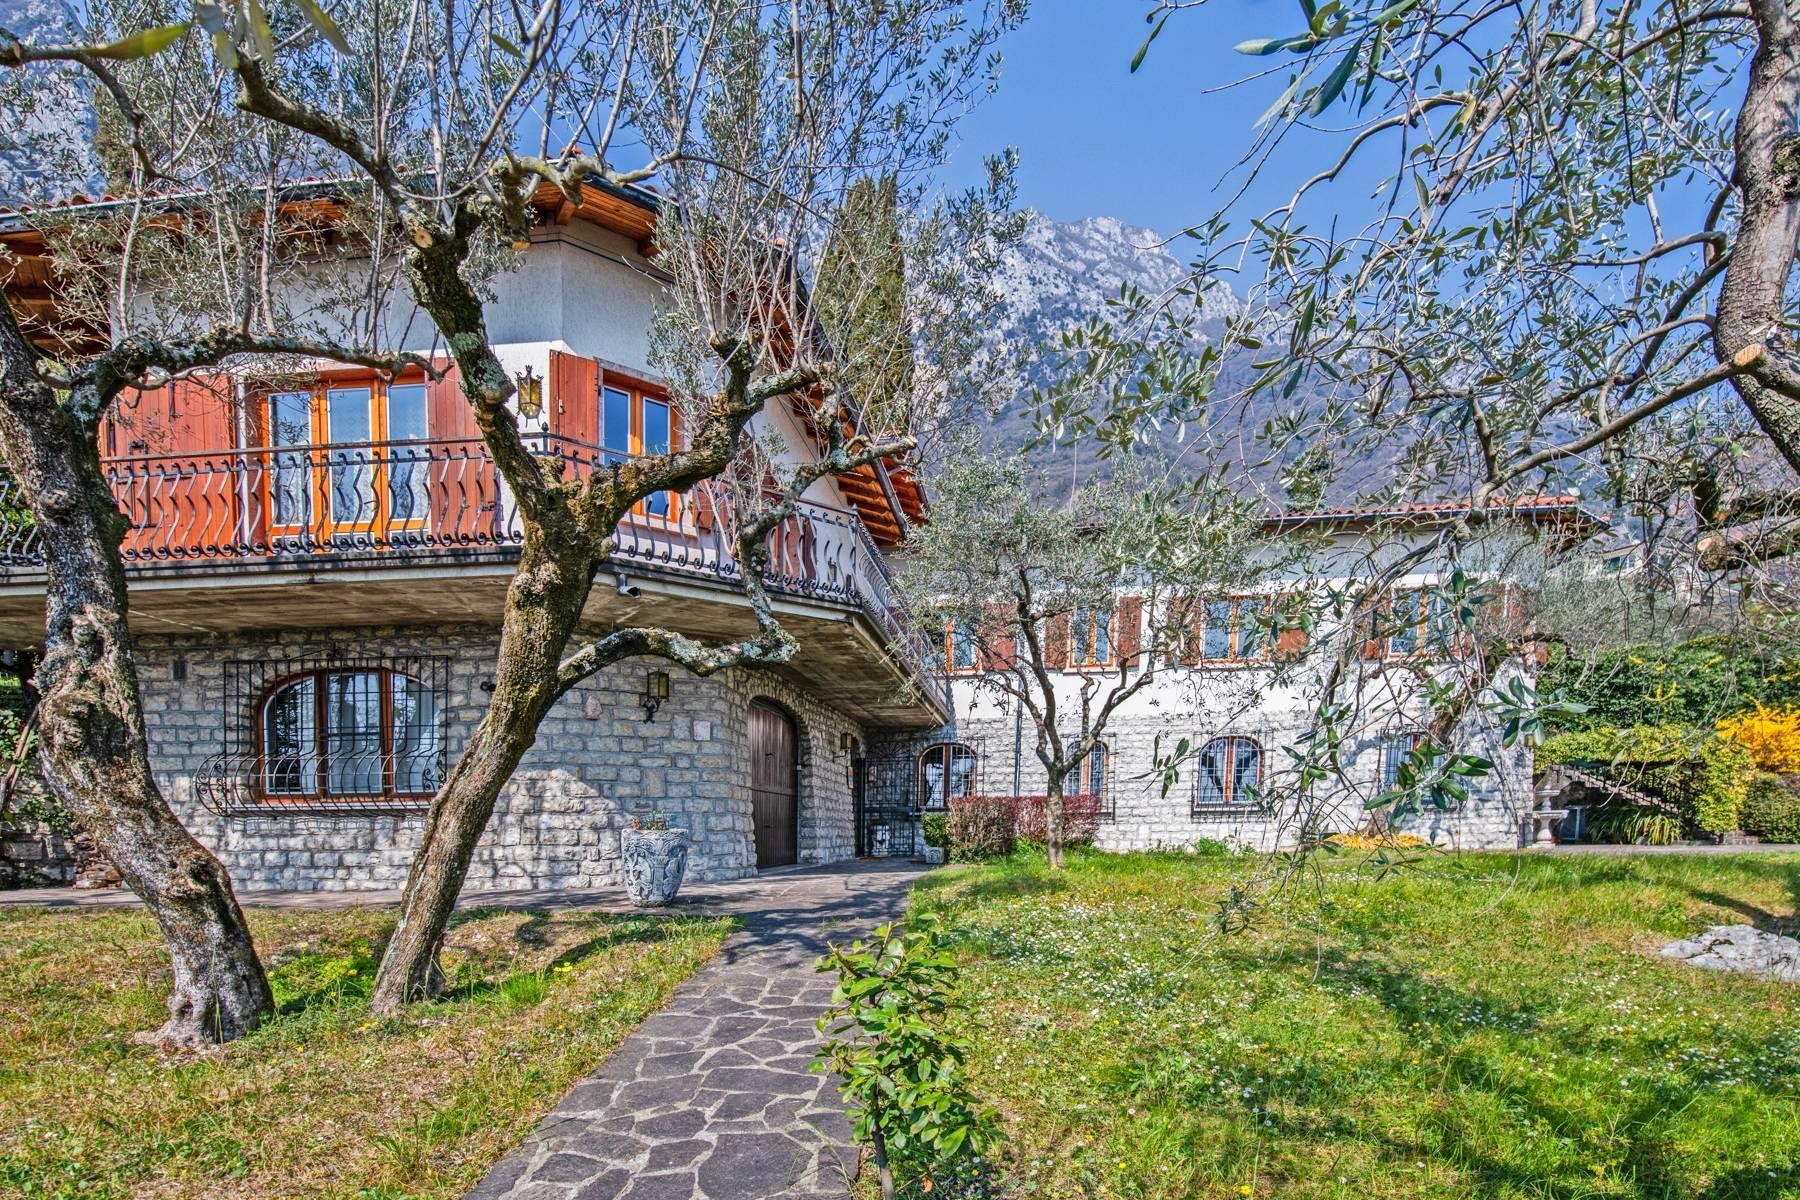 Villa in Gargnano inmitten der Olivenbäume vom Gardasee mit herrlichem Seeblick - 26